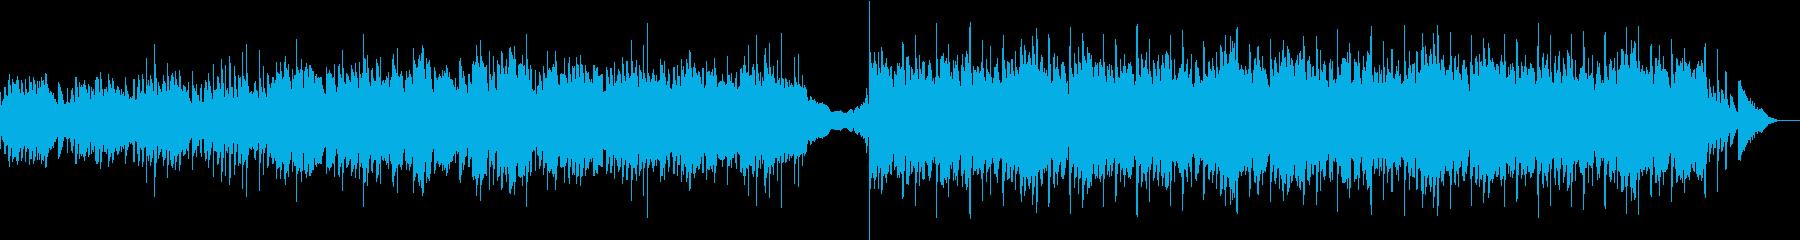 暗いピアノのアルペジオが印象的な劇伴の再生済みの波形